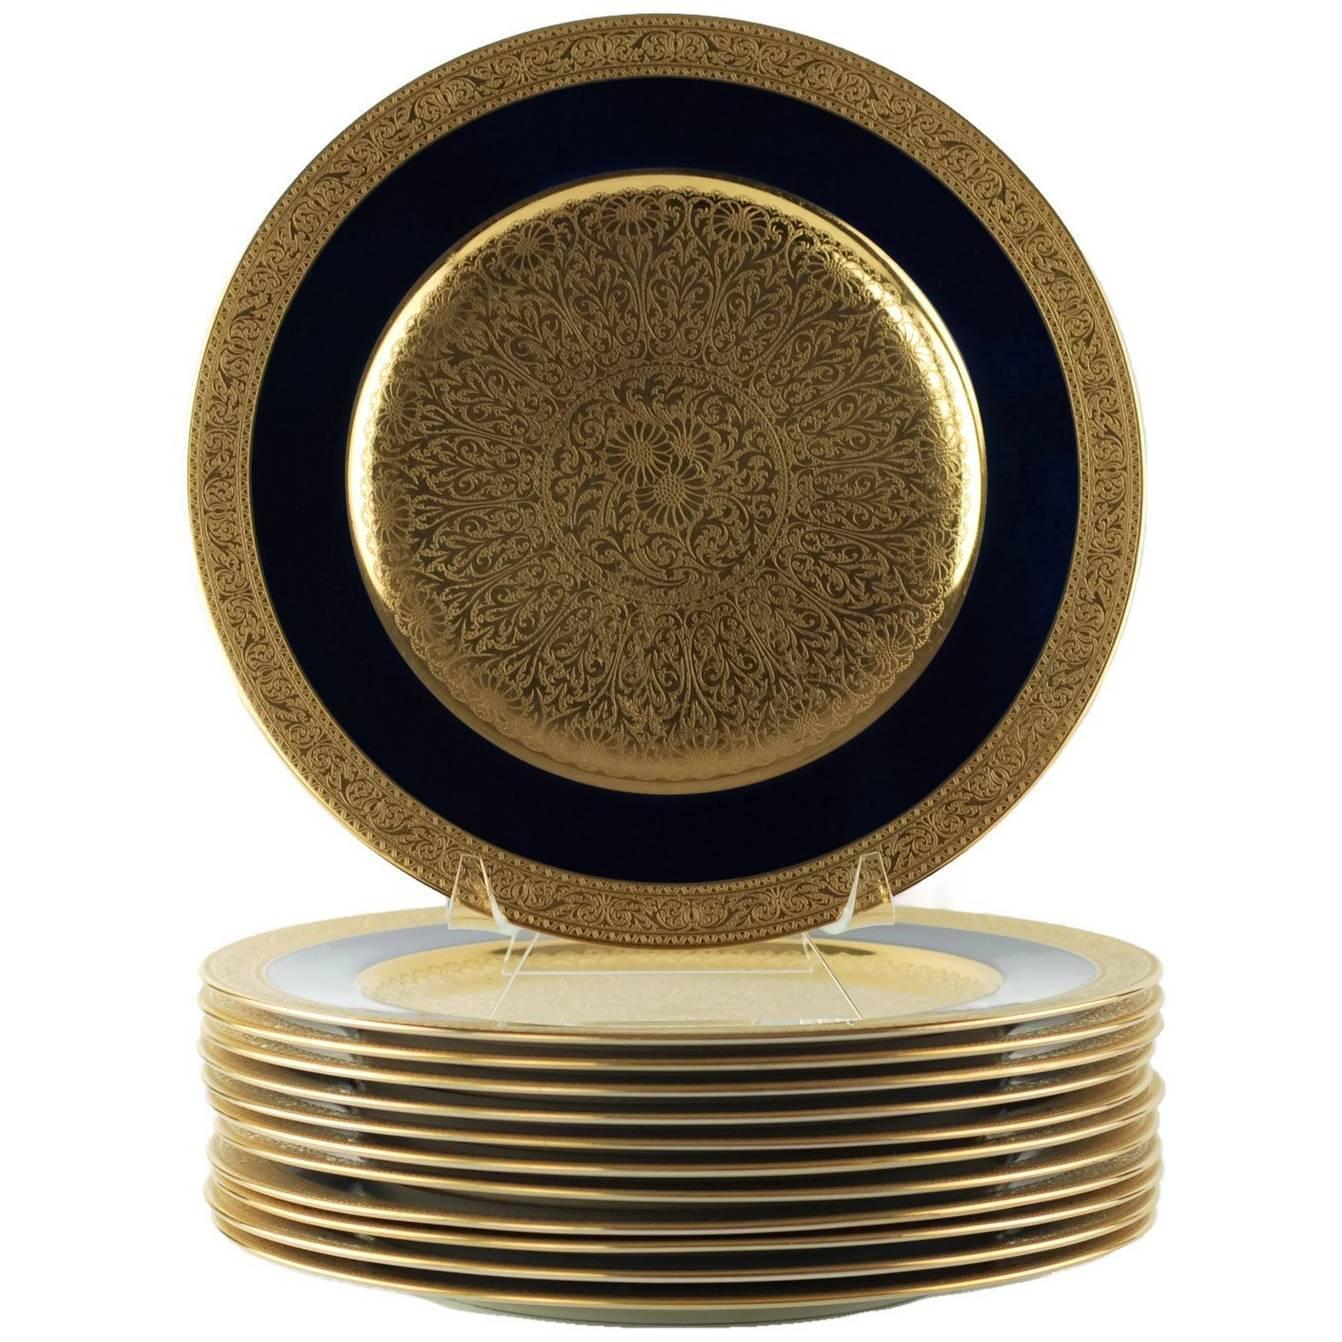 Set of 12 Lenox Cobalt and Gilt Encrusted Porcelain Cabinet Service Plates